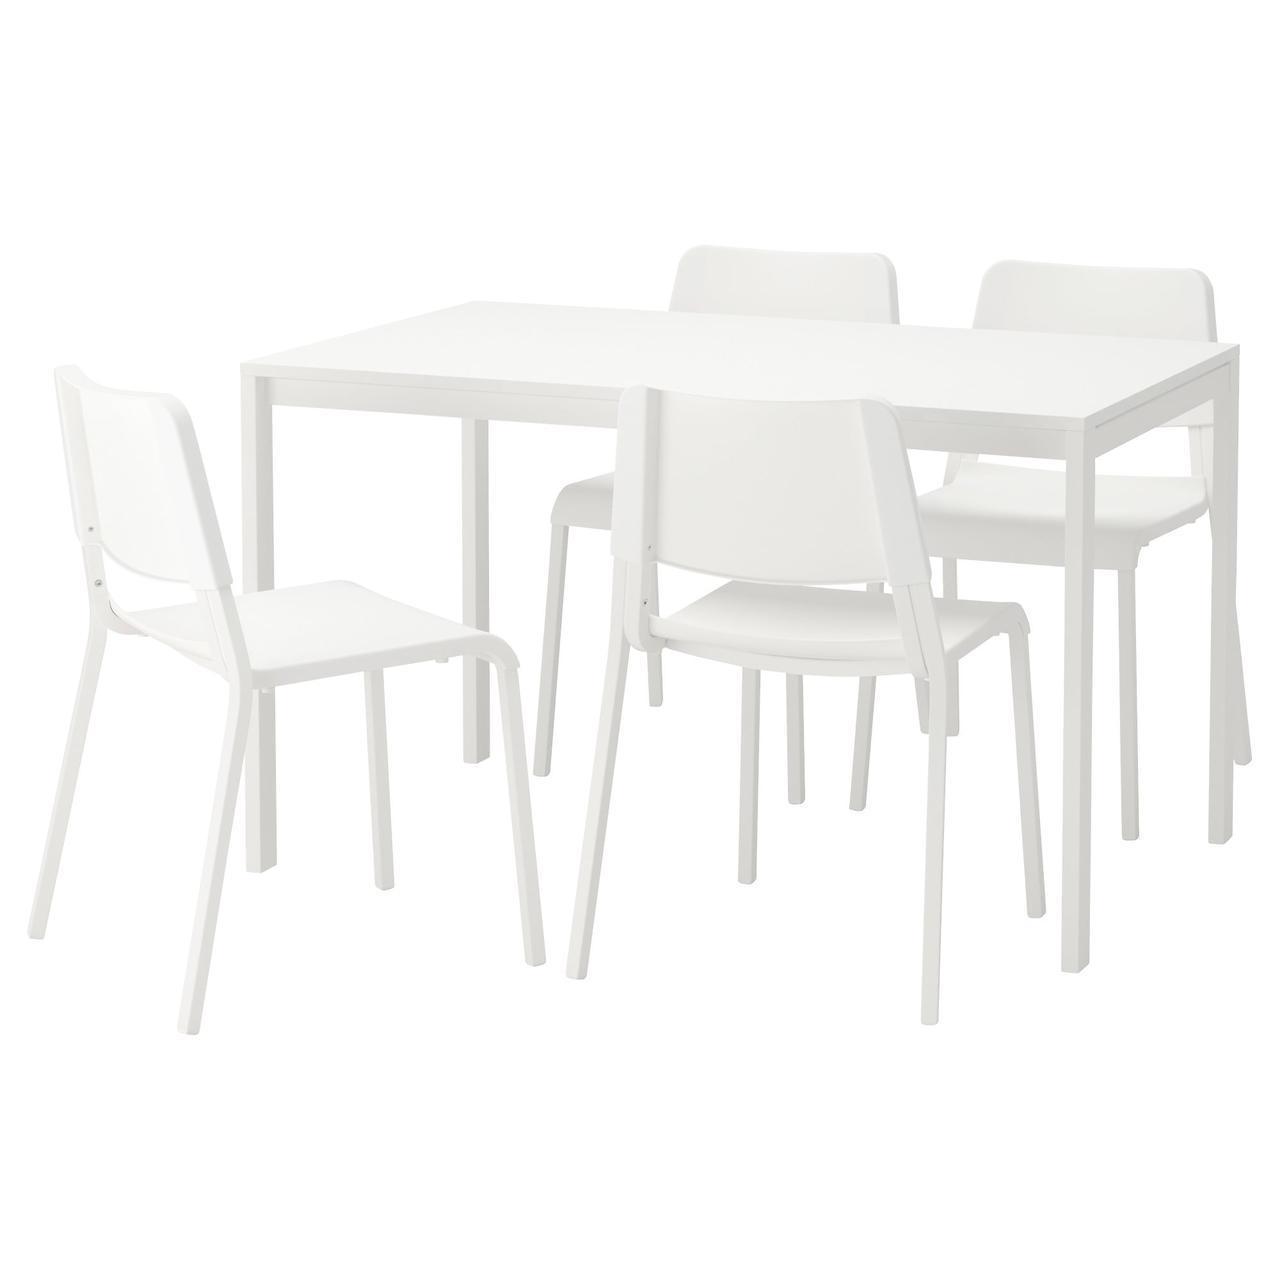 Комплект для кухни (стол и 4 стула) IKEA MELLTORP / TEODORES белый 792.860.33